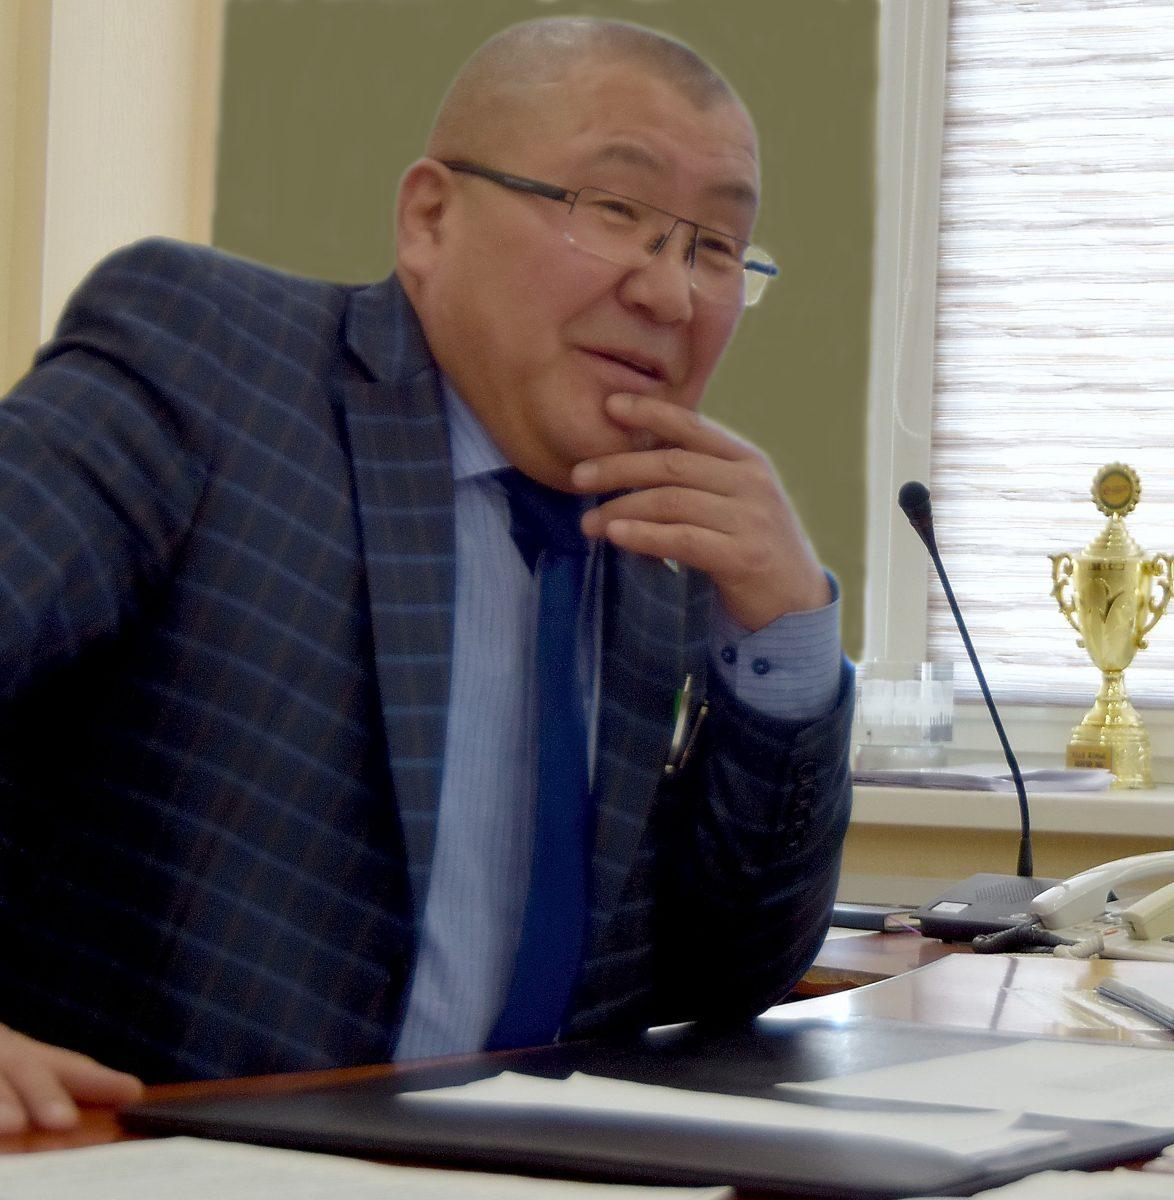 Р.Свамбаев покинул пост генерального директора ГРЭС-1